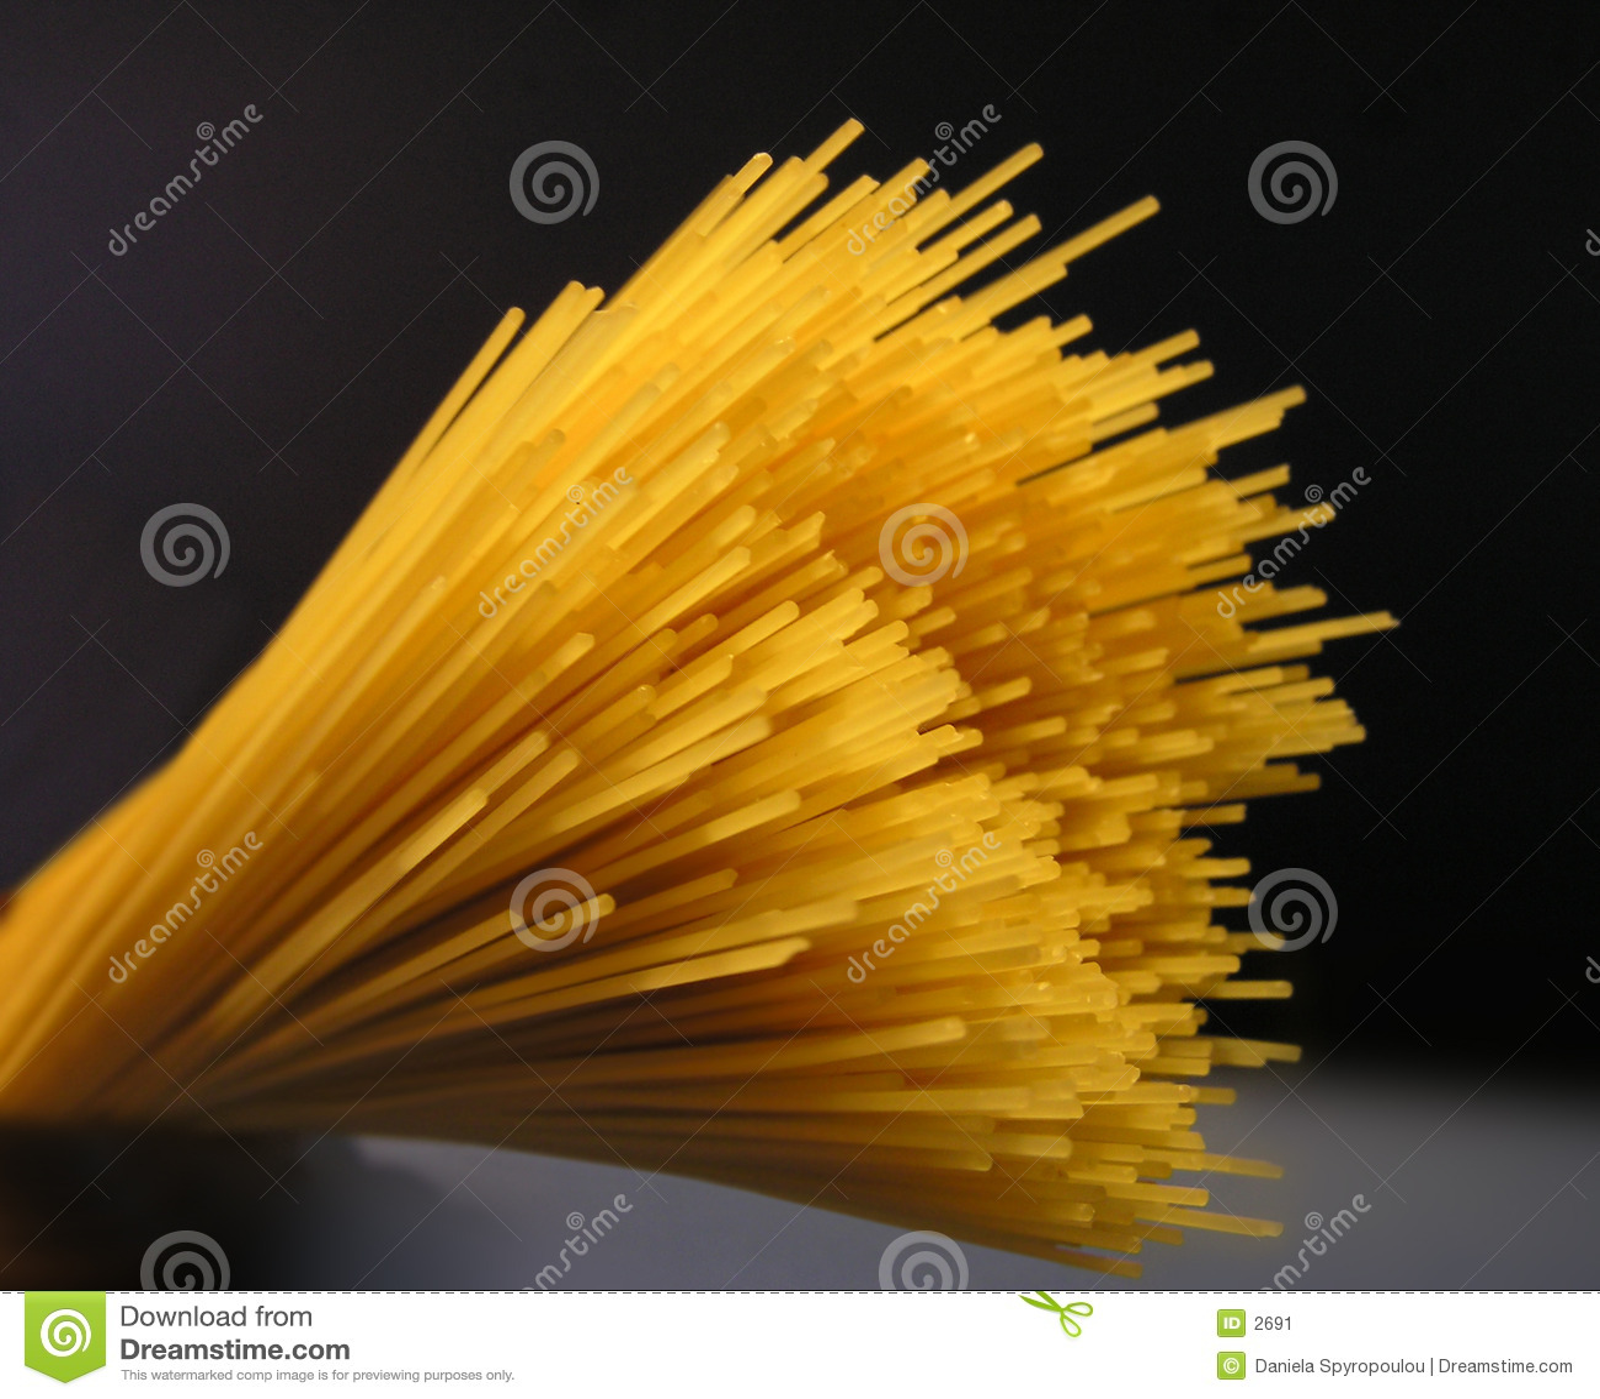 Download Spaghetti immagine stock. Immagine di cereali, dieta, italiano - 2691